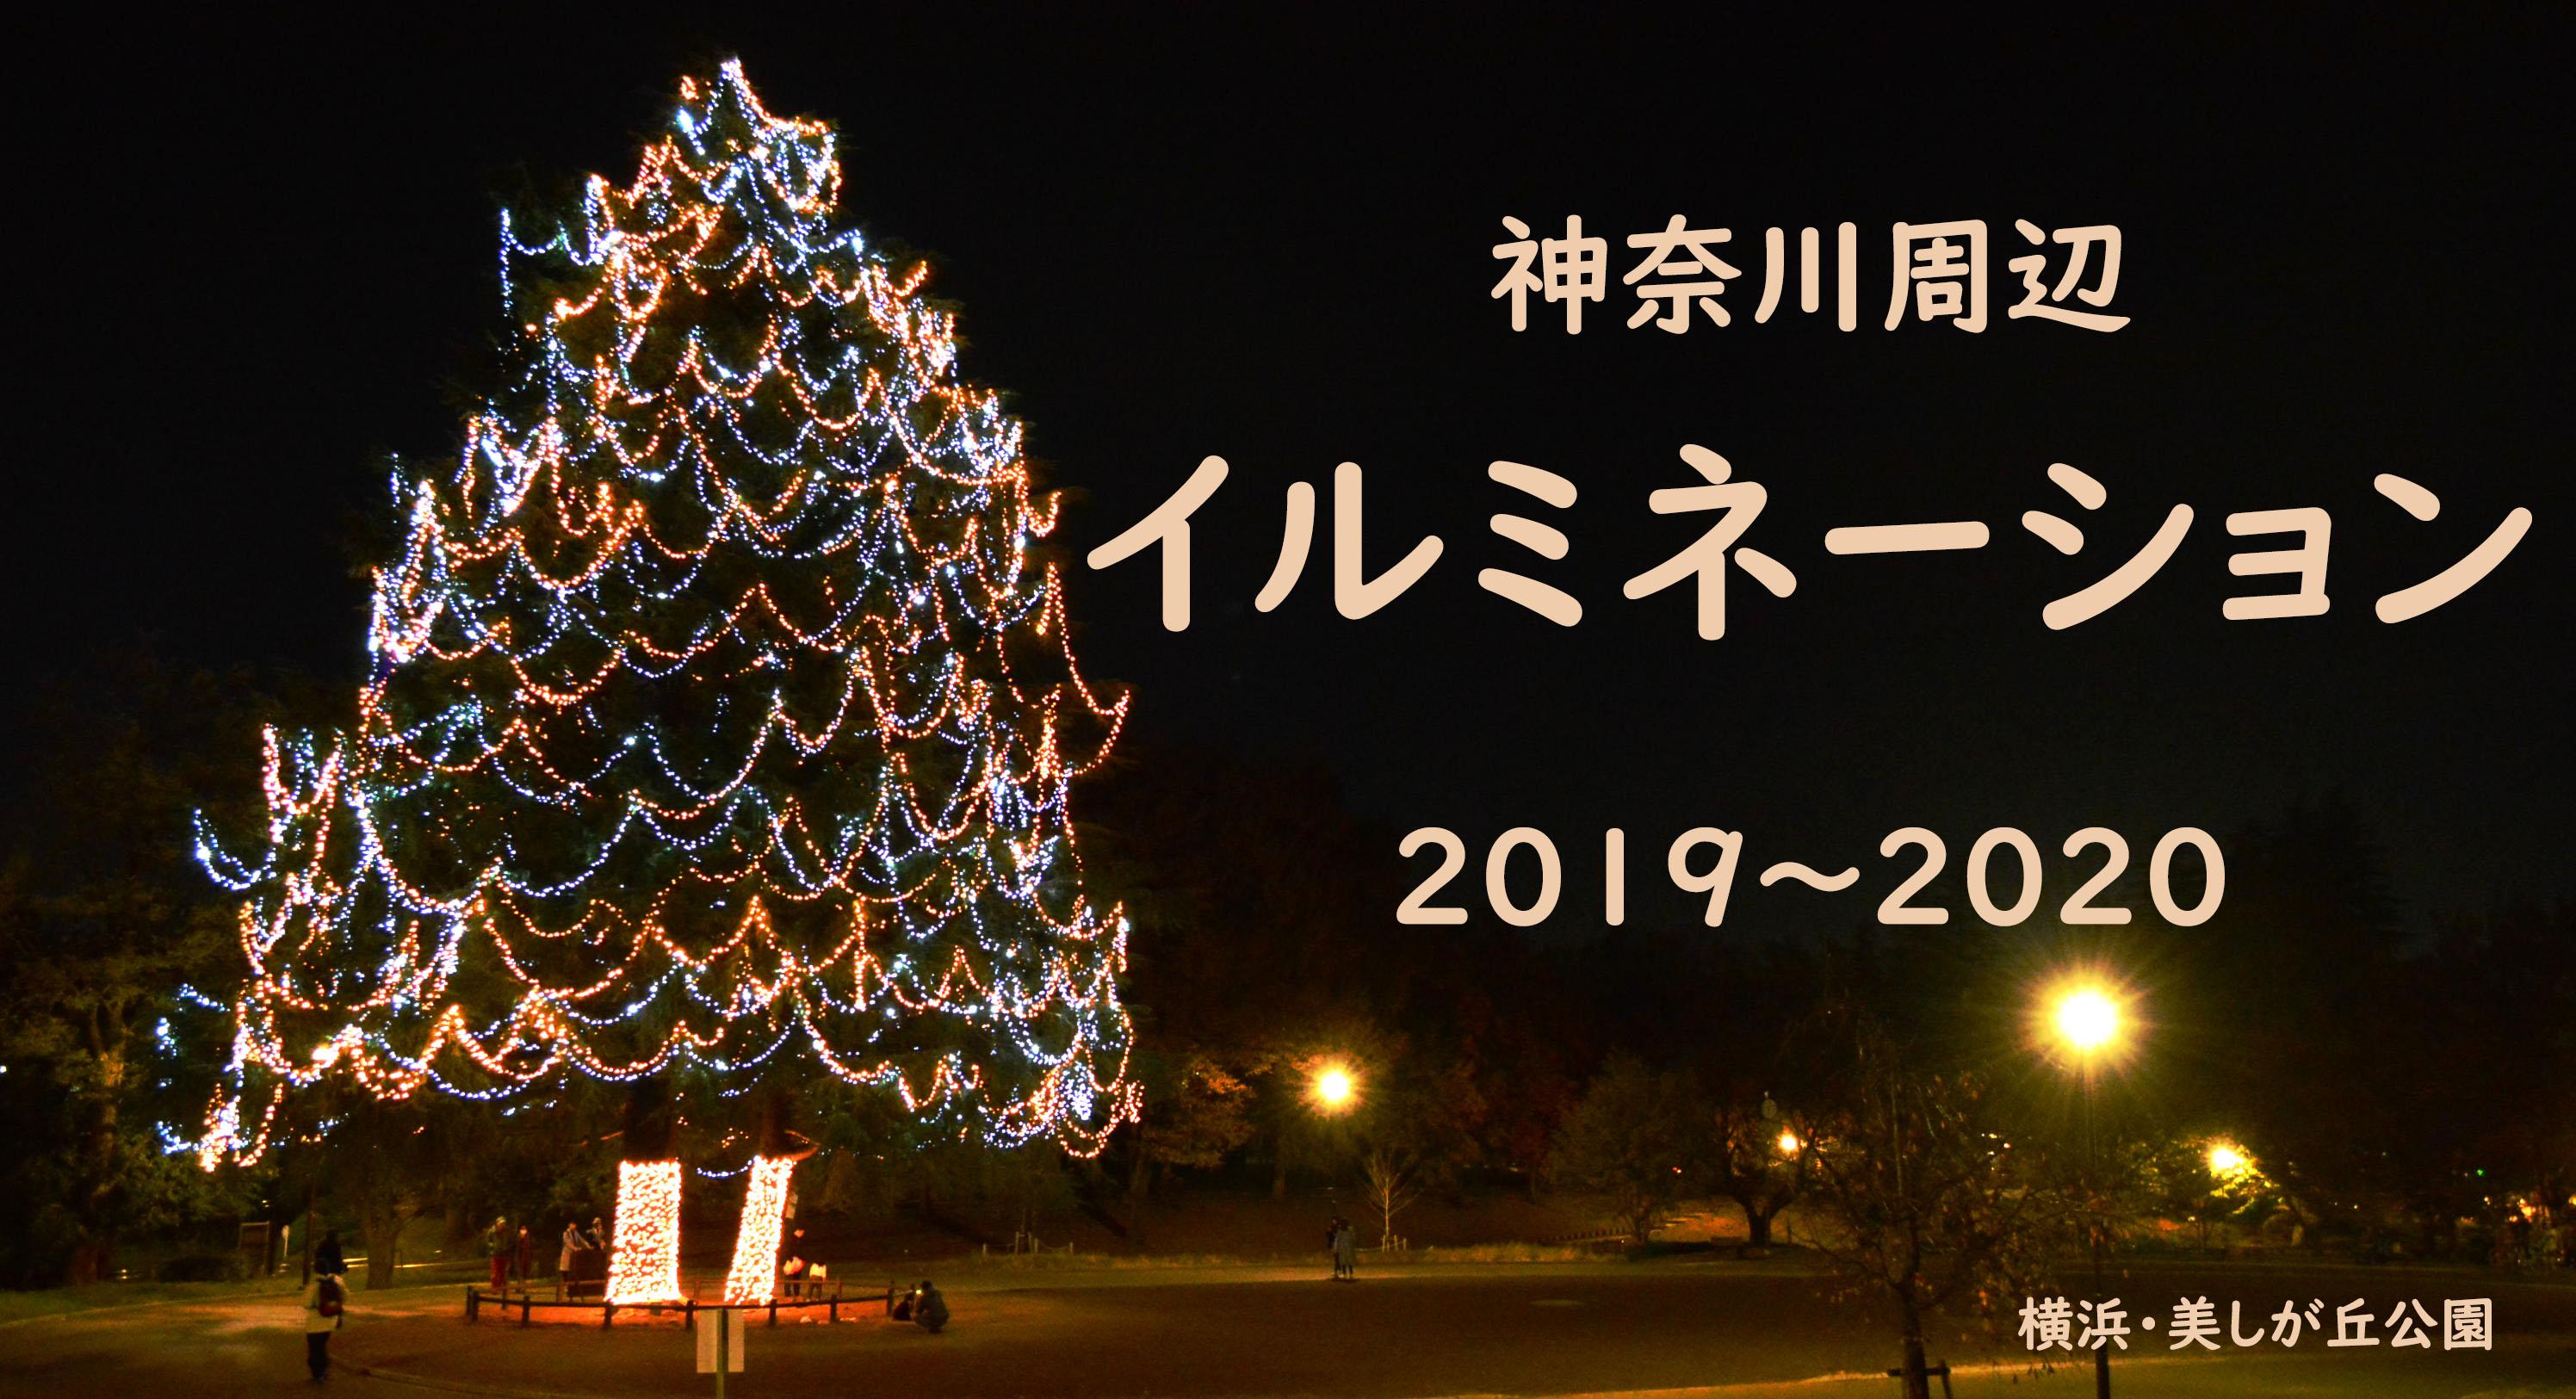 地元でキラめく神奈川周辺「ご近所イルミ」穴場スポットも【2019-2020特集】